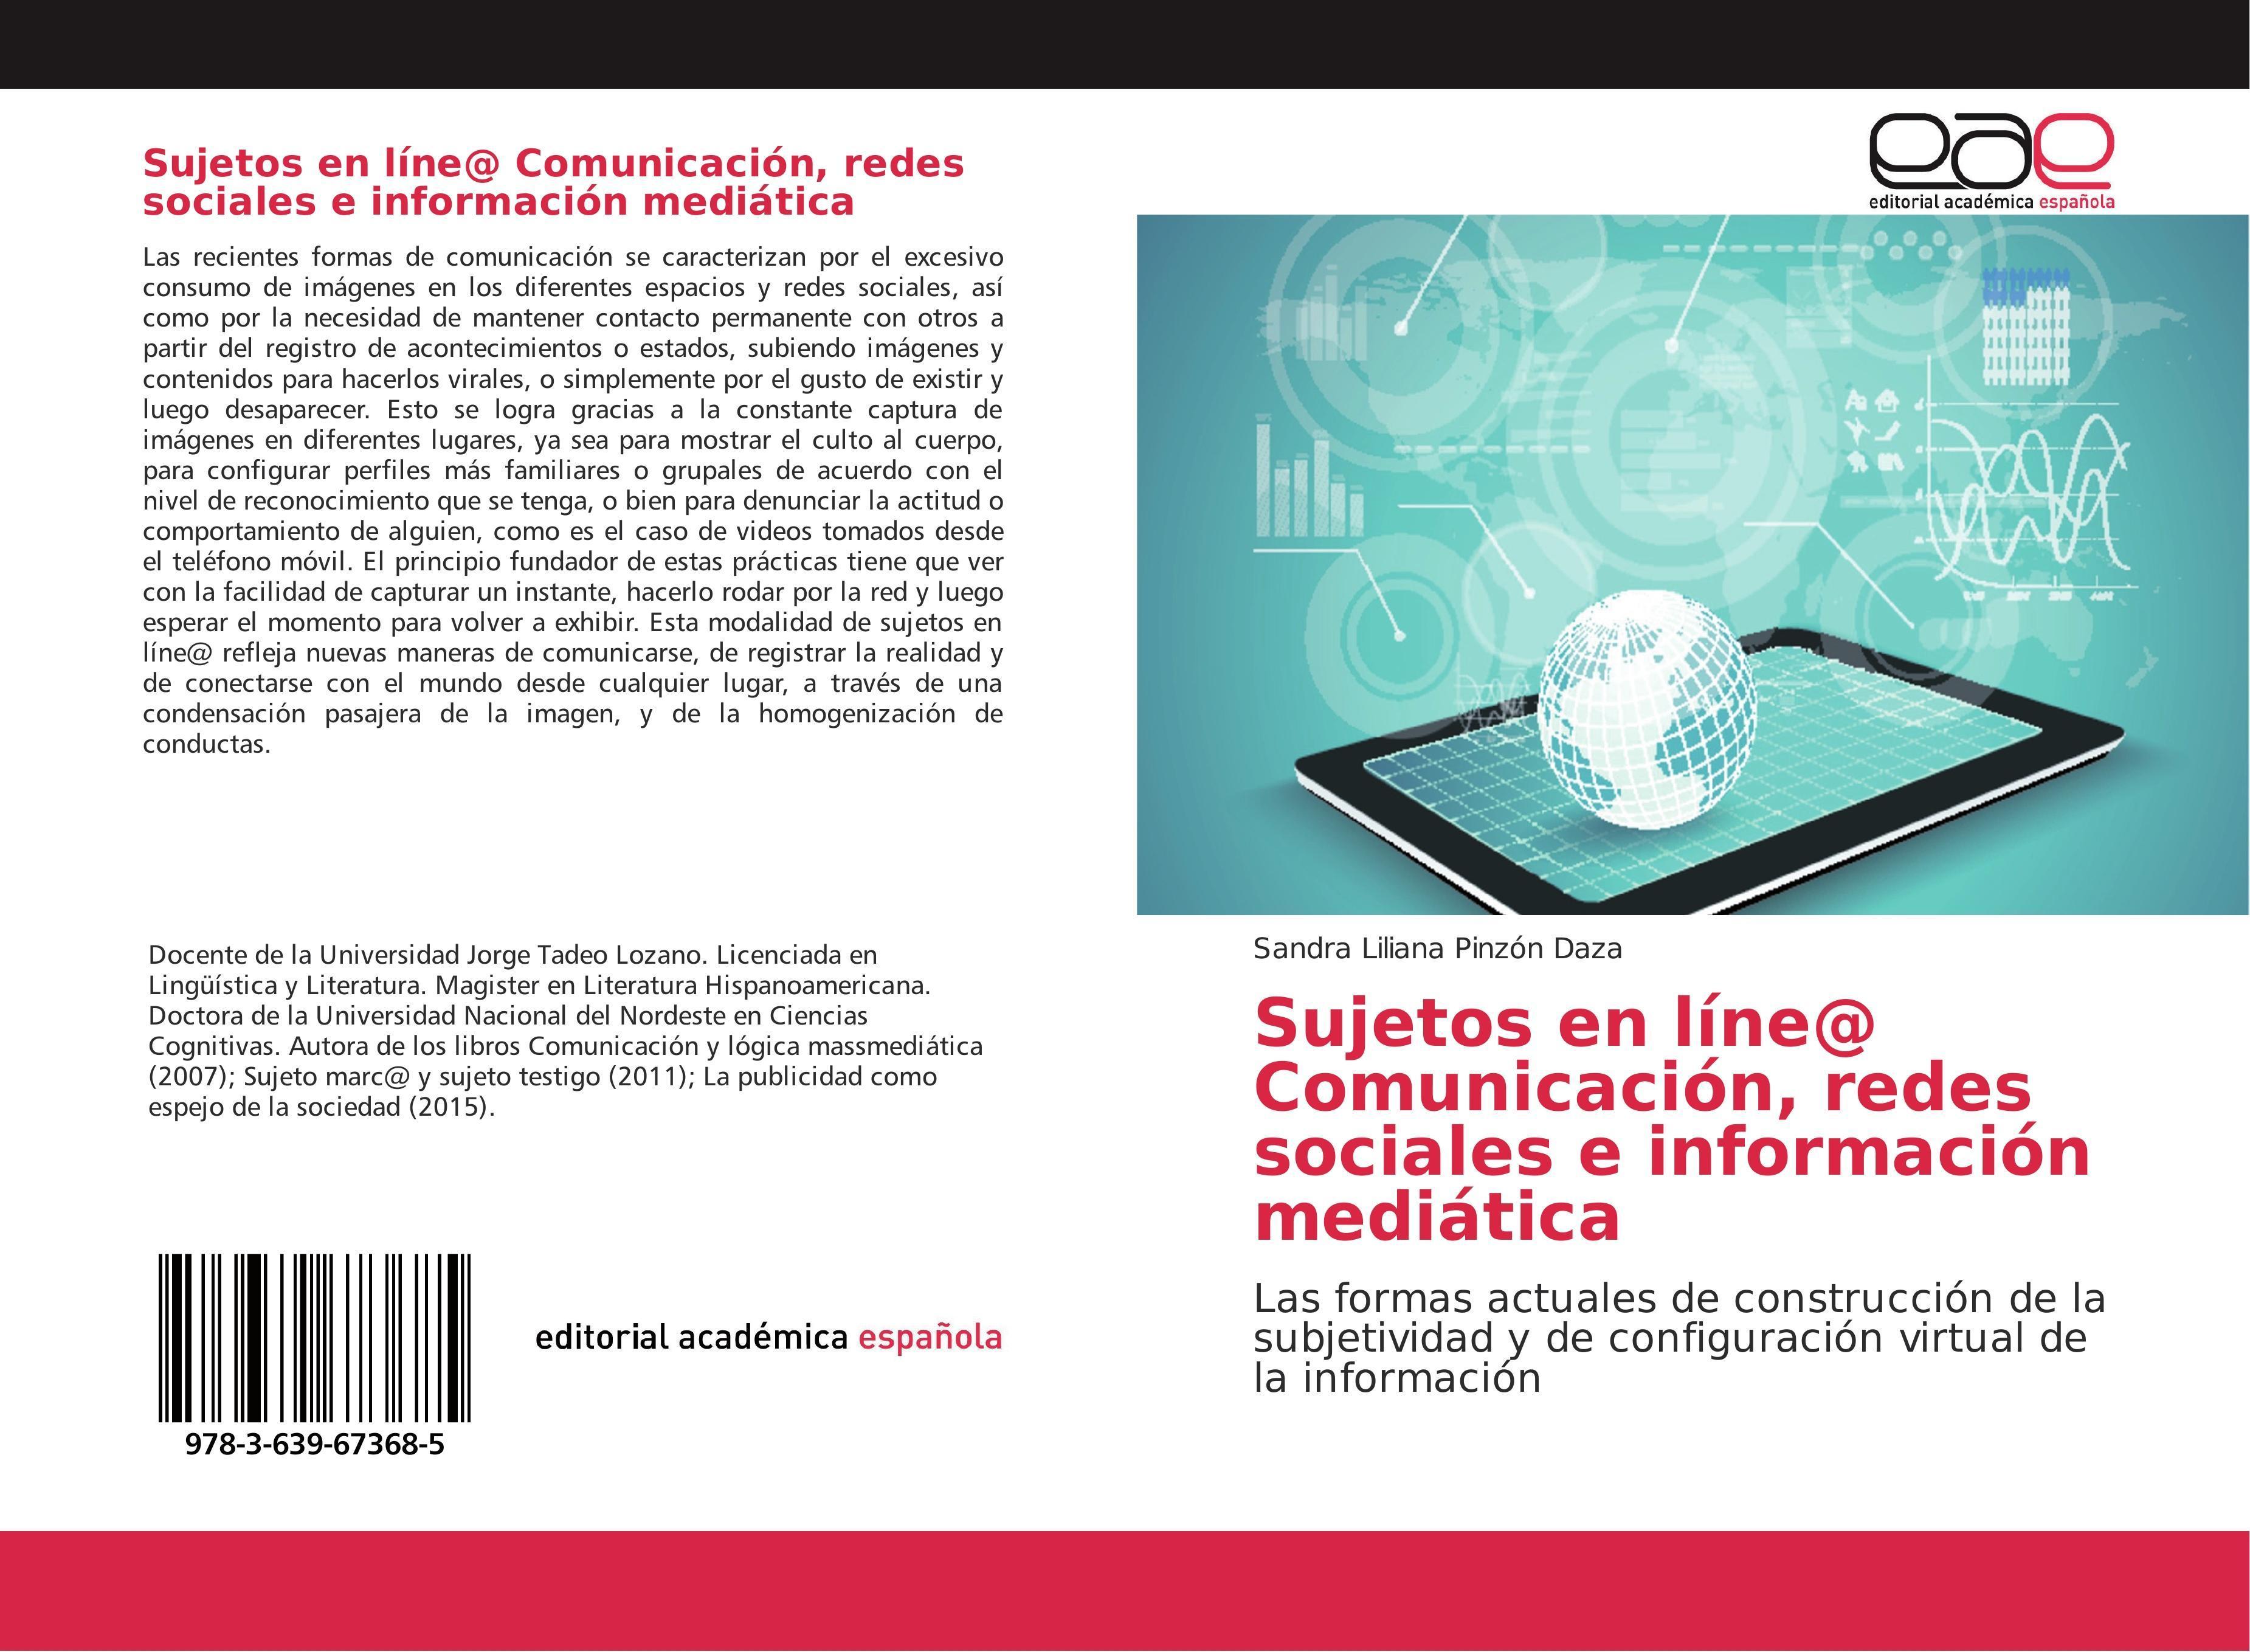 Sujetos en líne@ Comunicación, redes sociales e información  ... 9783639673685